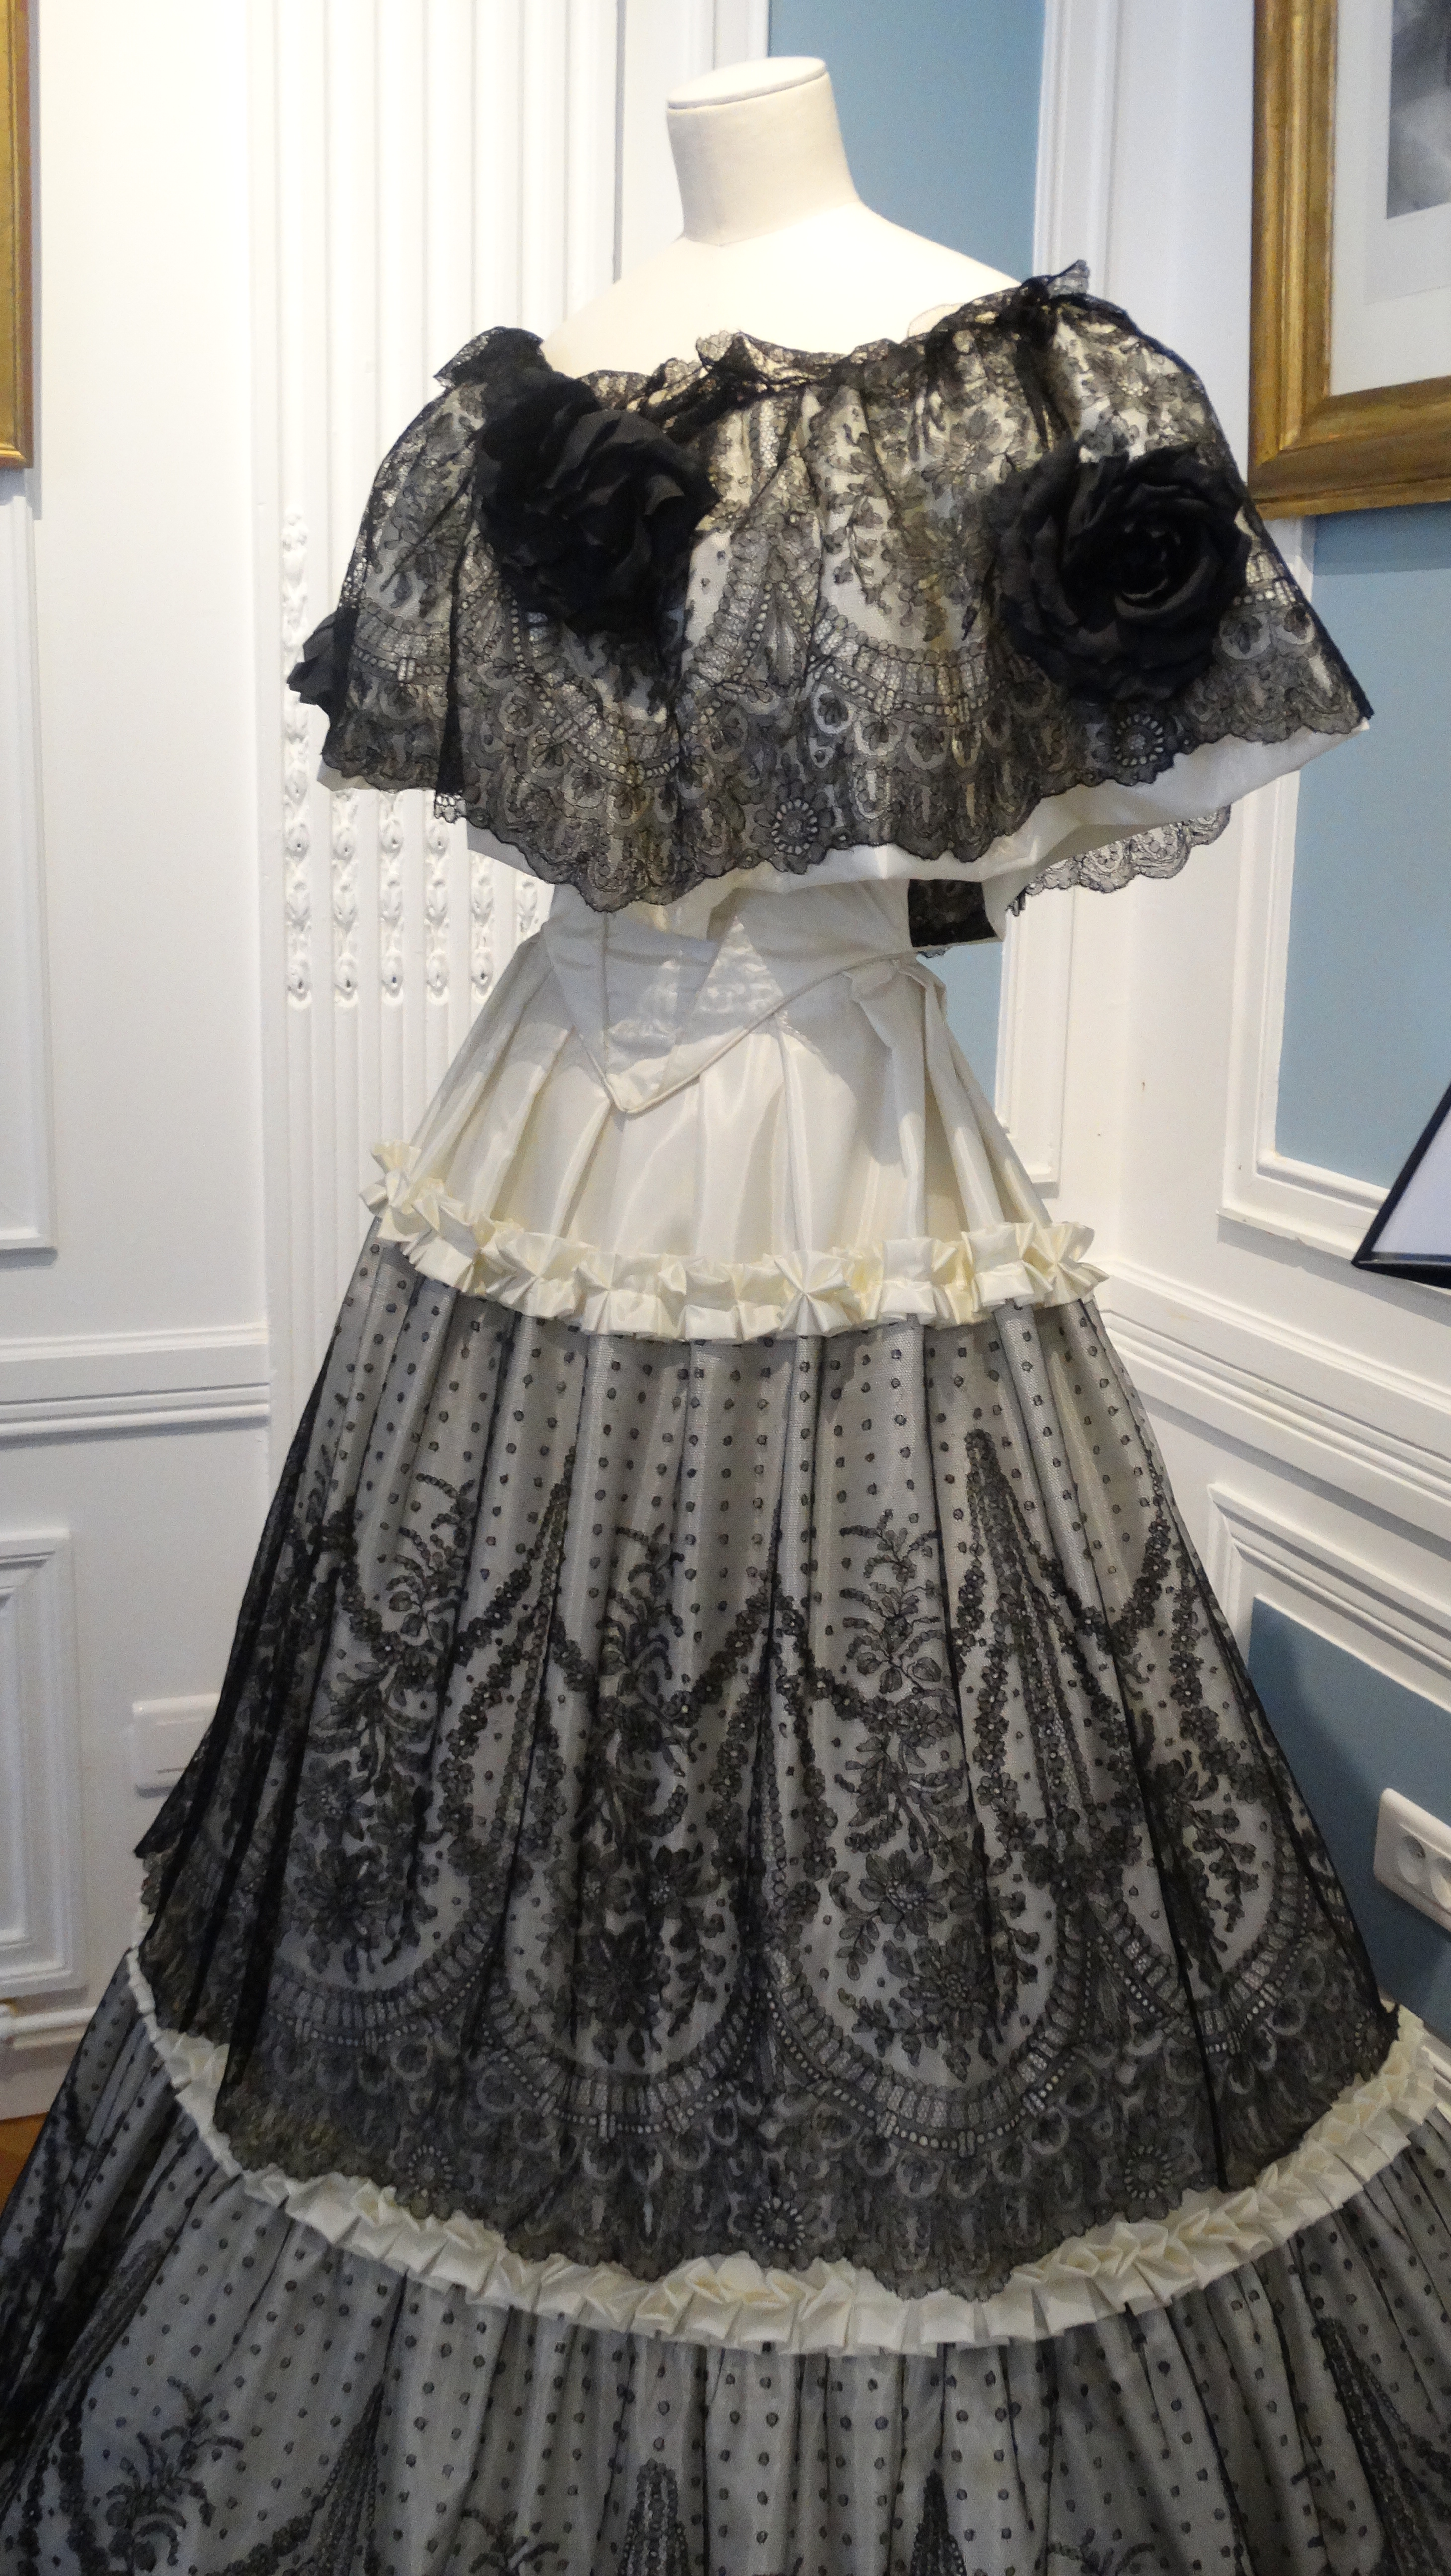 robe en dentelle de Chantilly